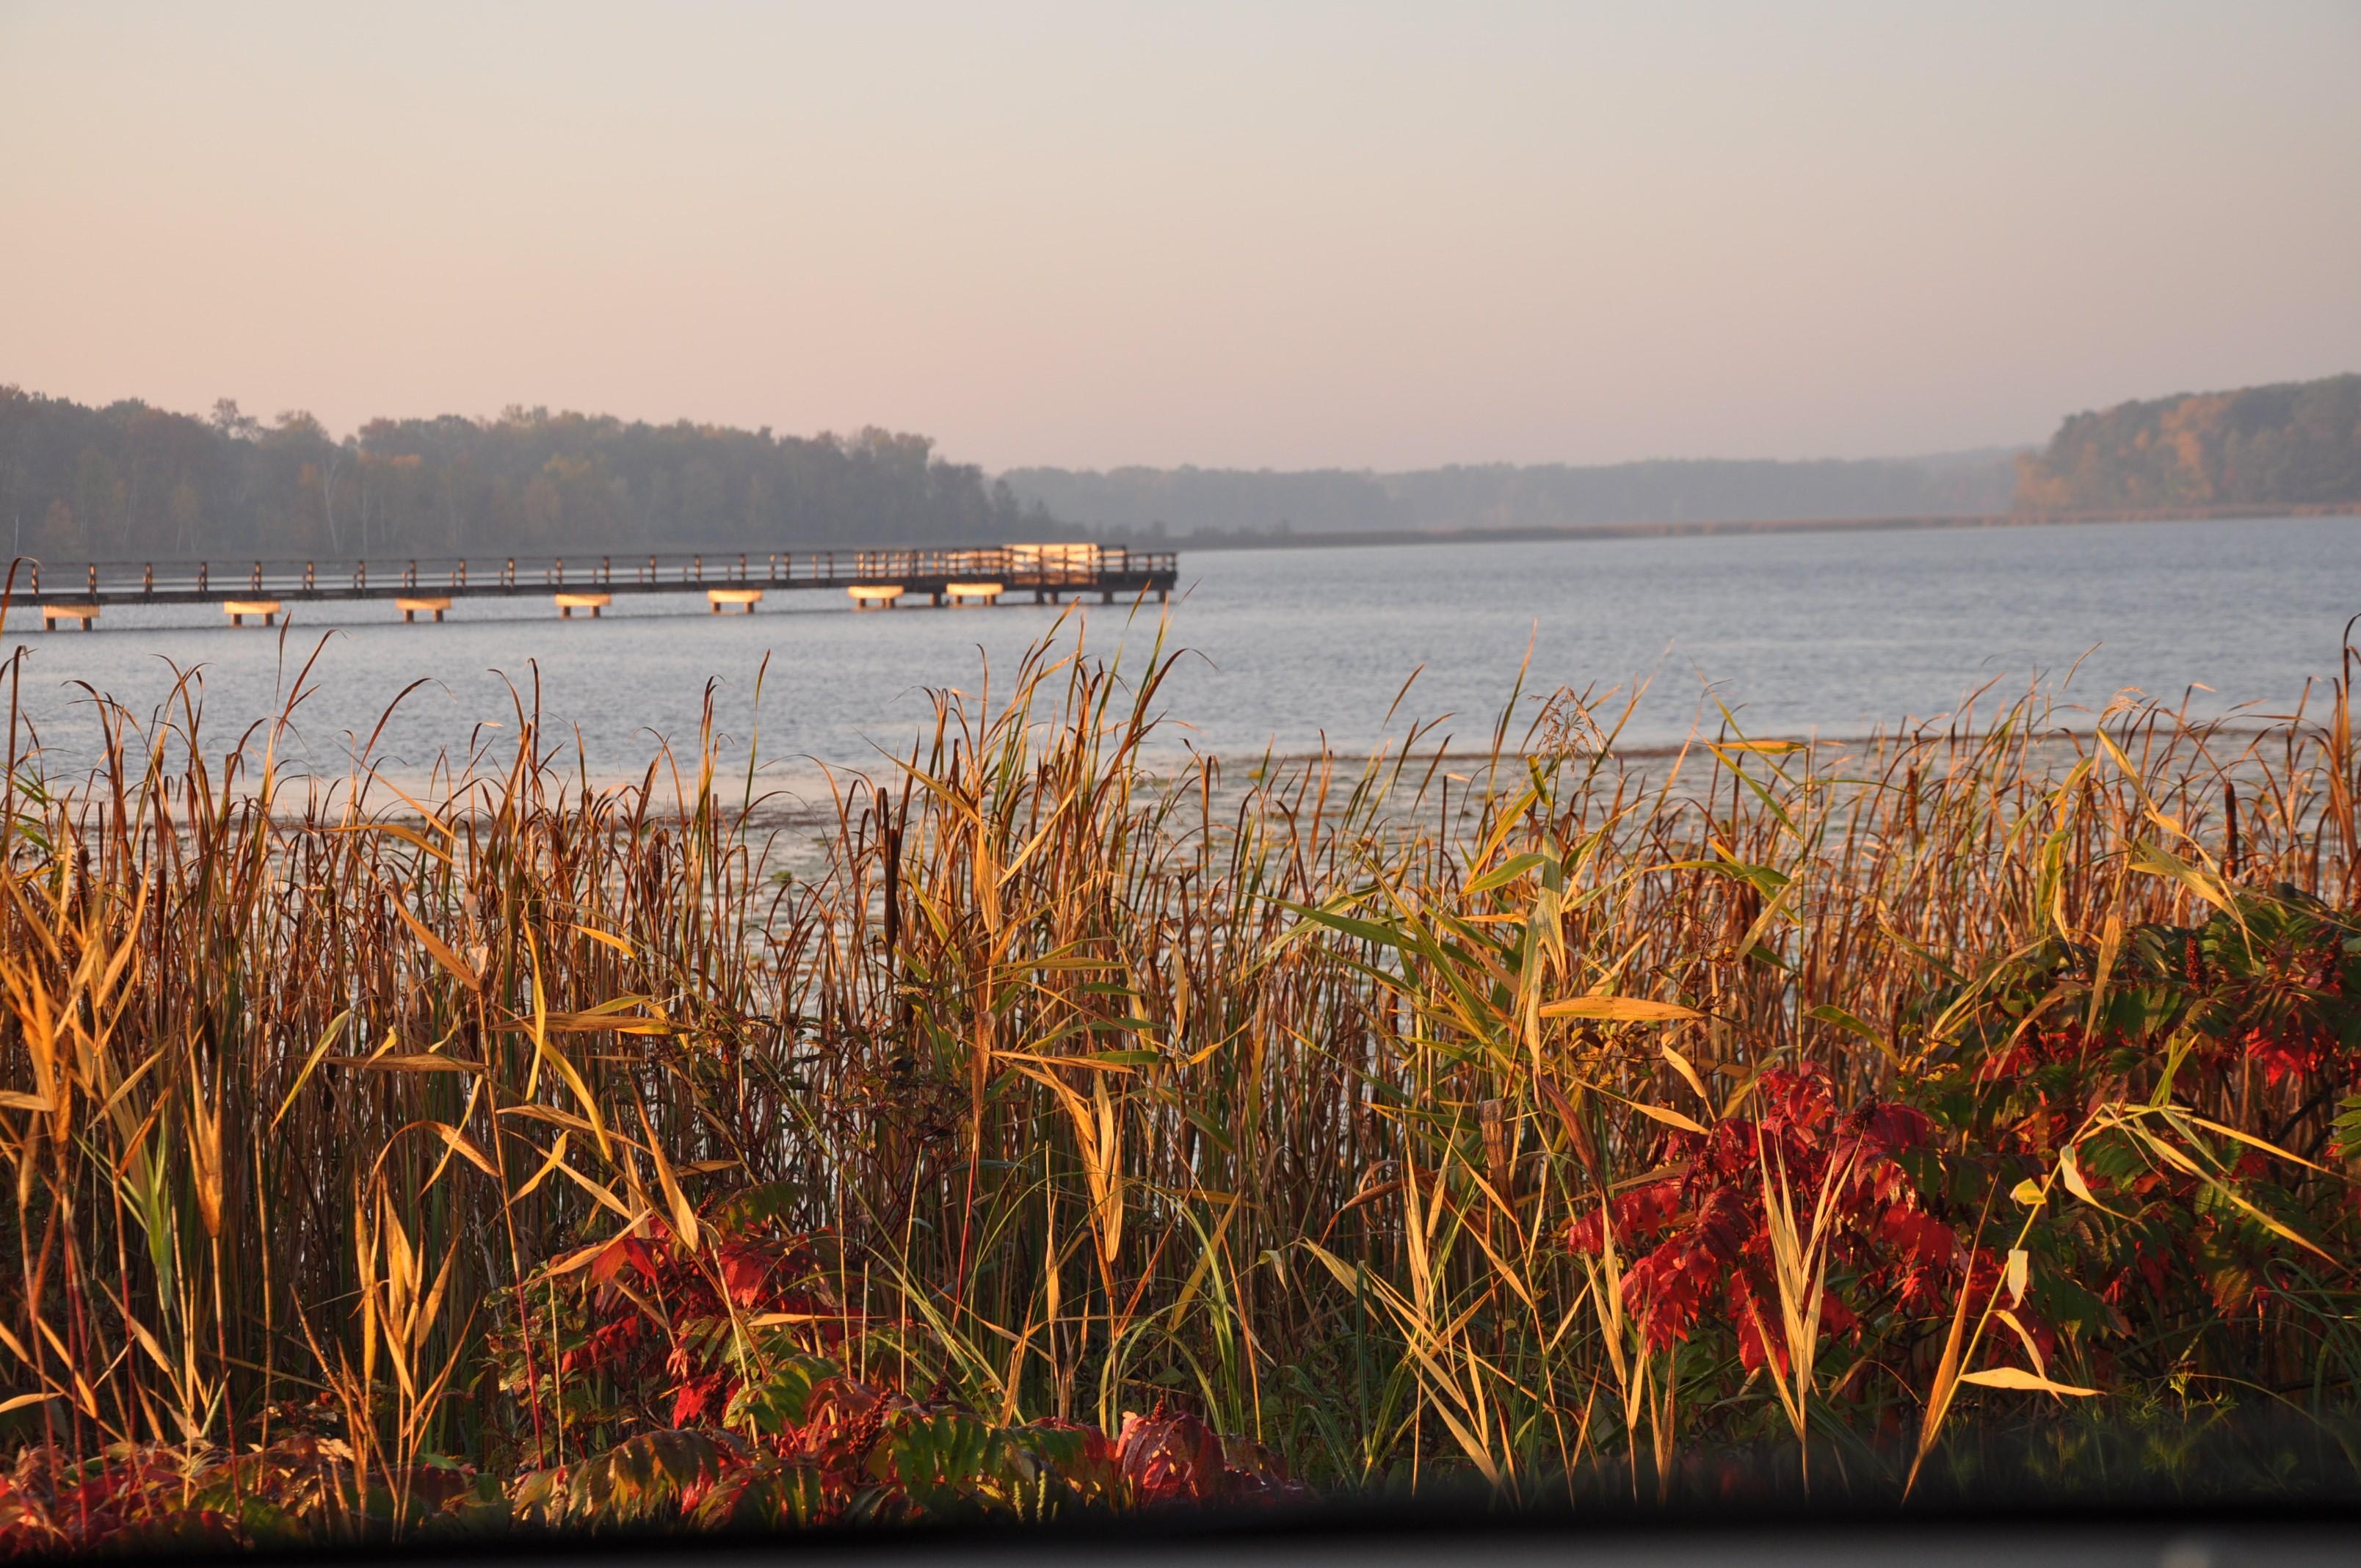 Dower Lake Pier